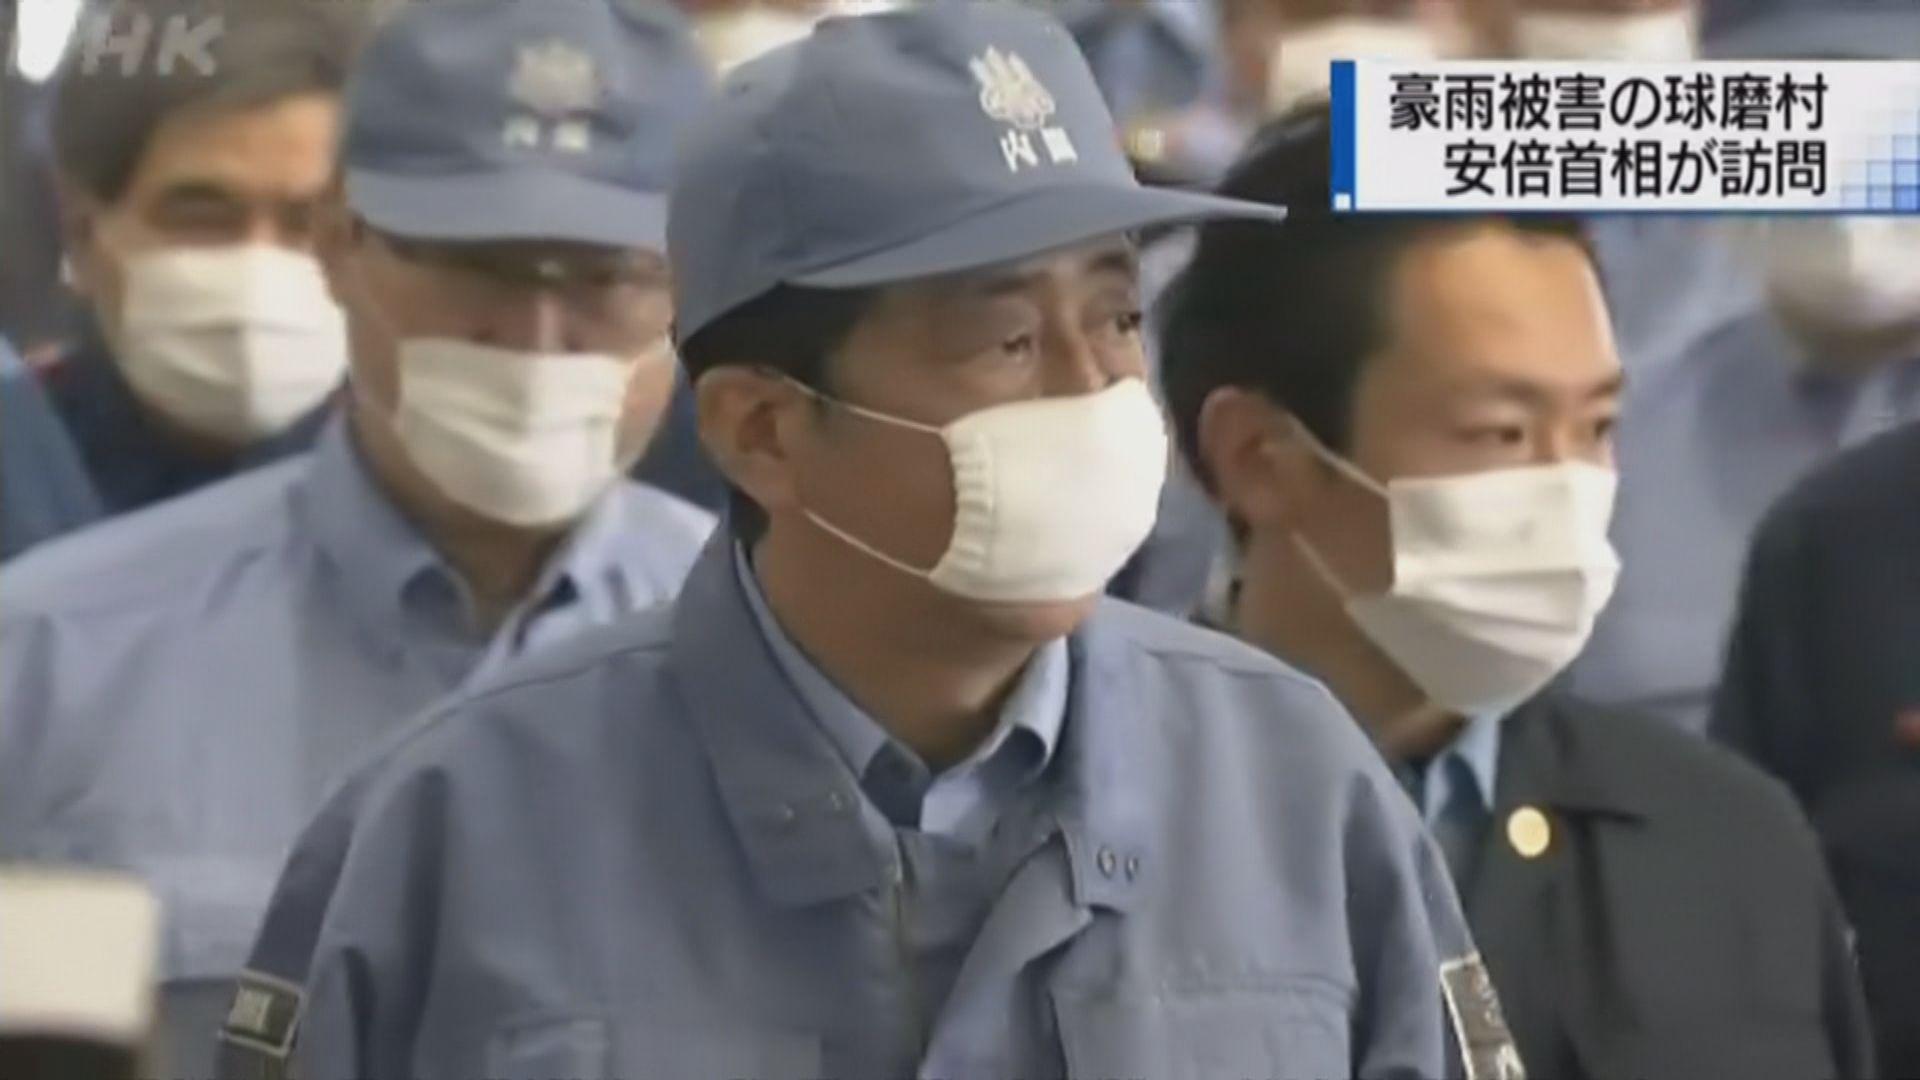 日本雨災持續 安倍到熊本視察雨災災情